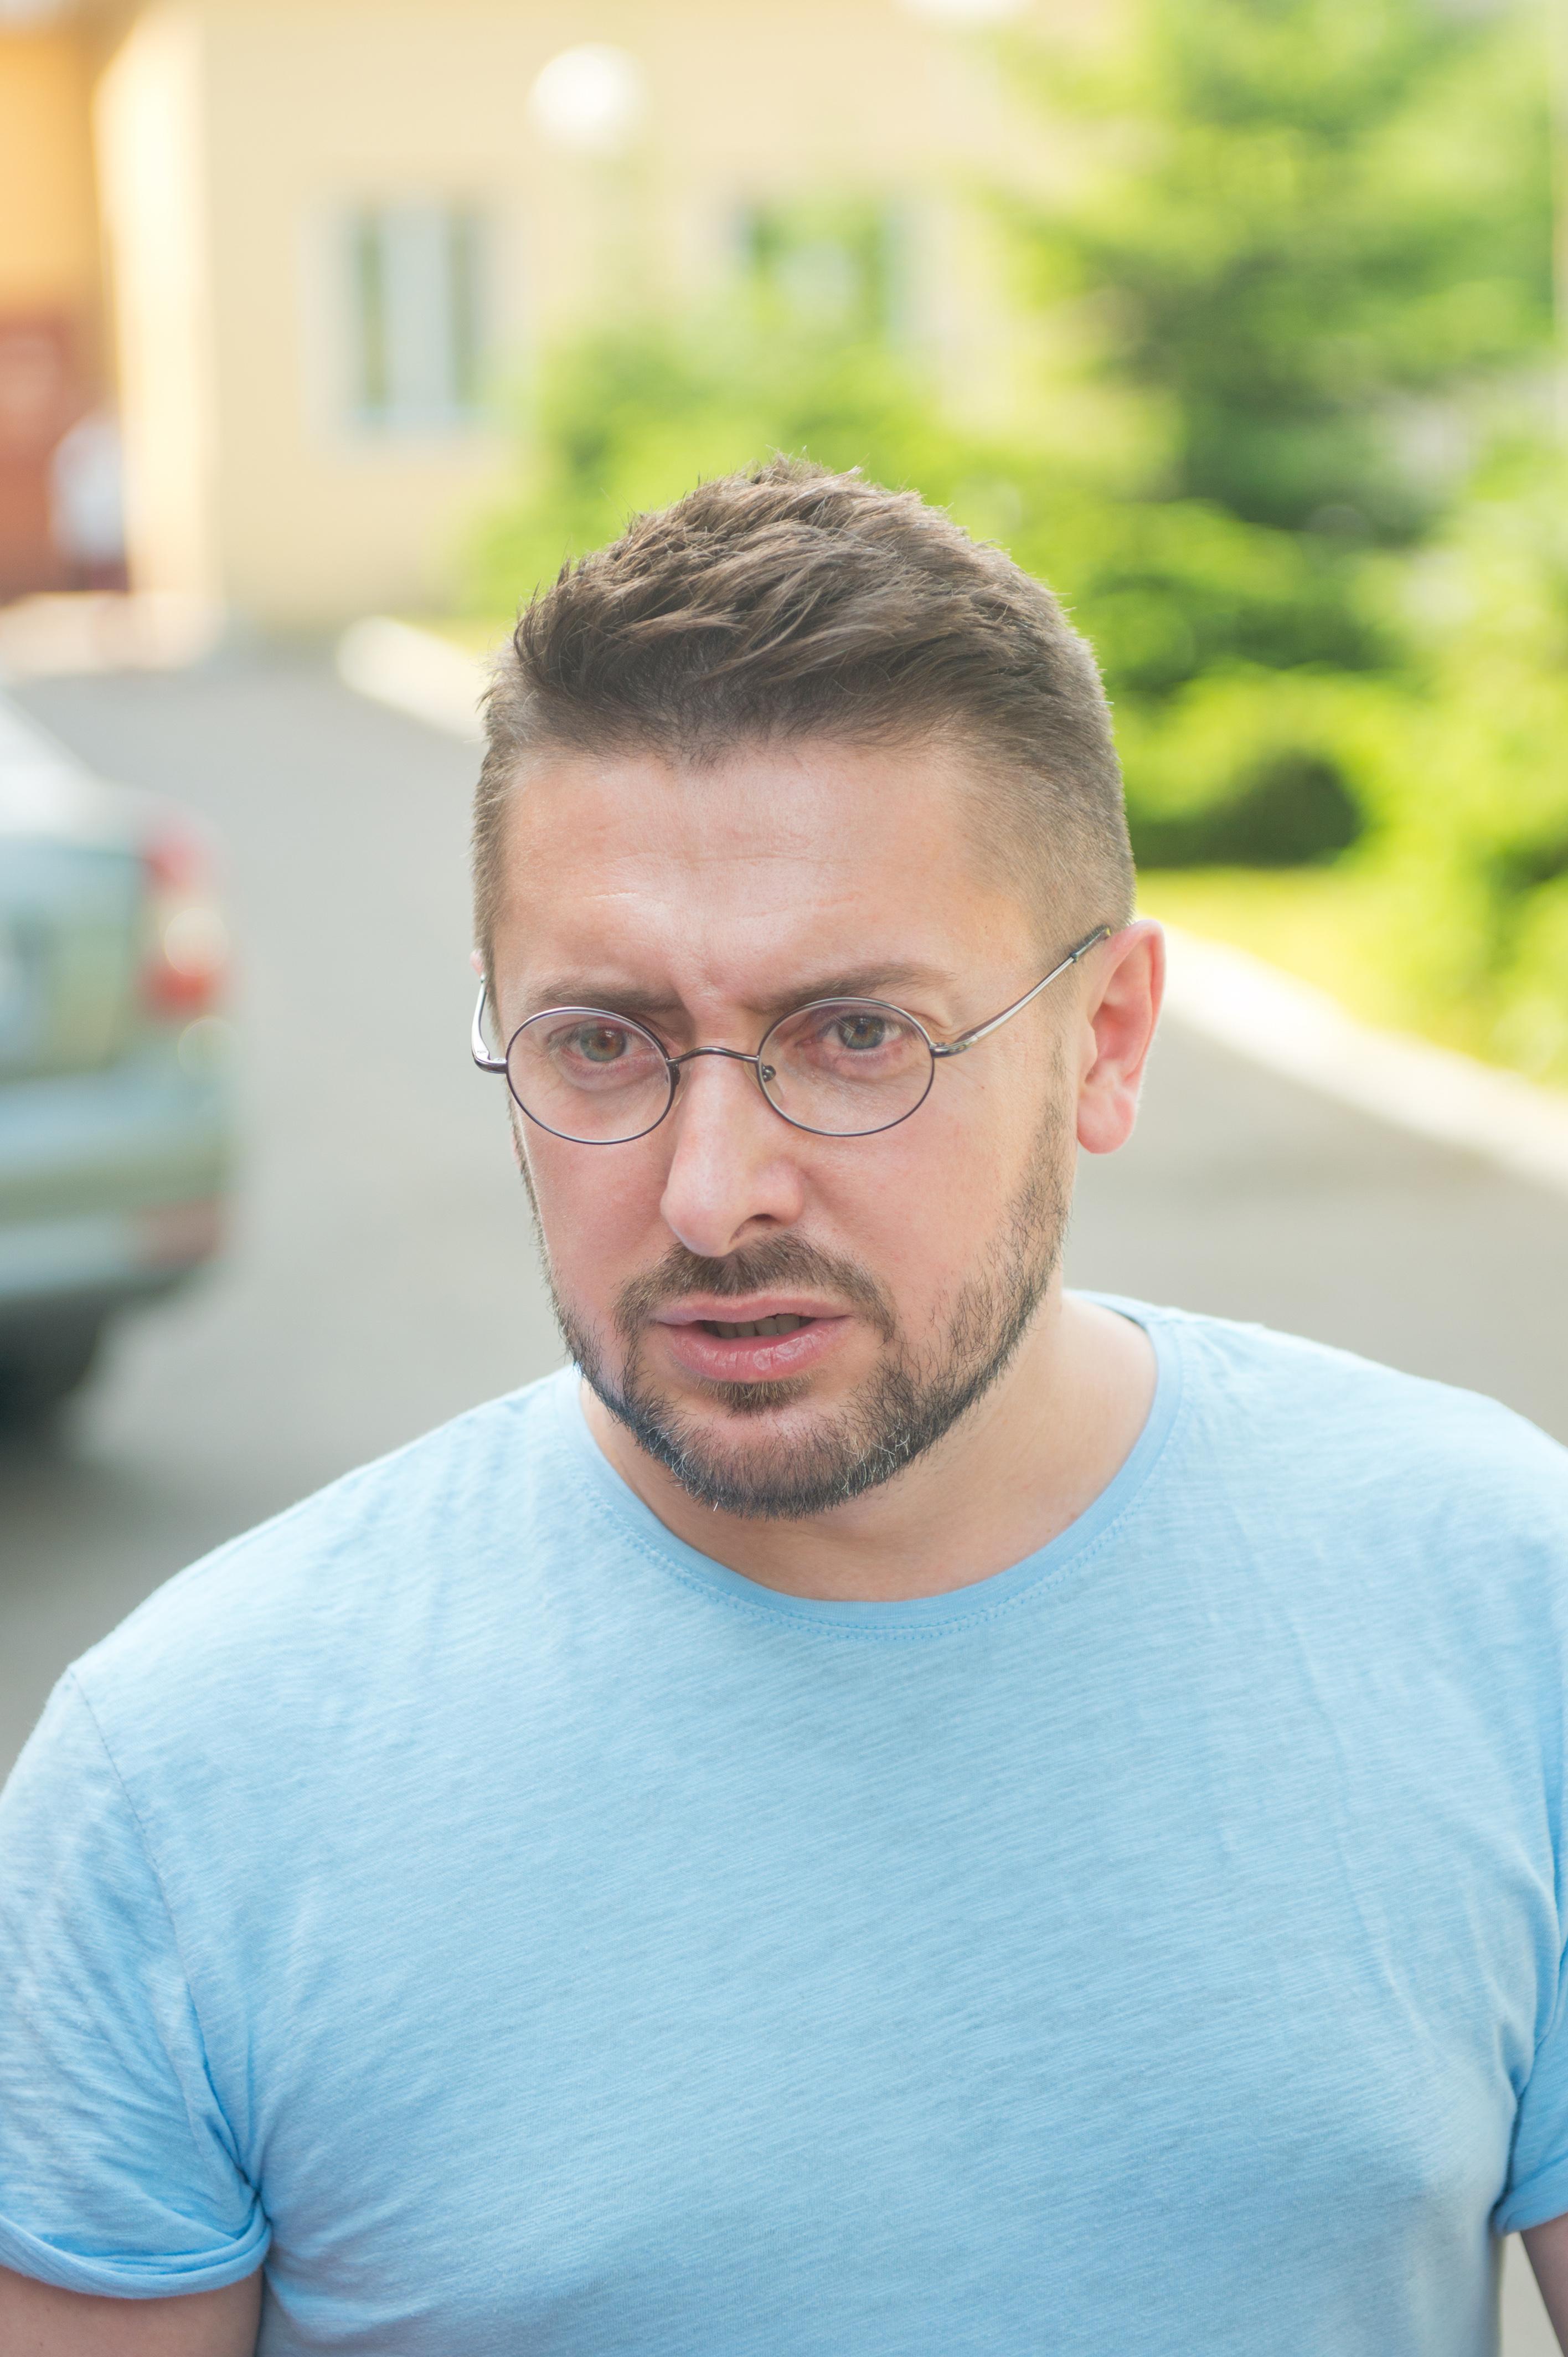 Алексей Суханов, ведущий ток-шоу Говорить Україна